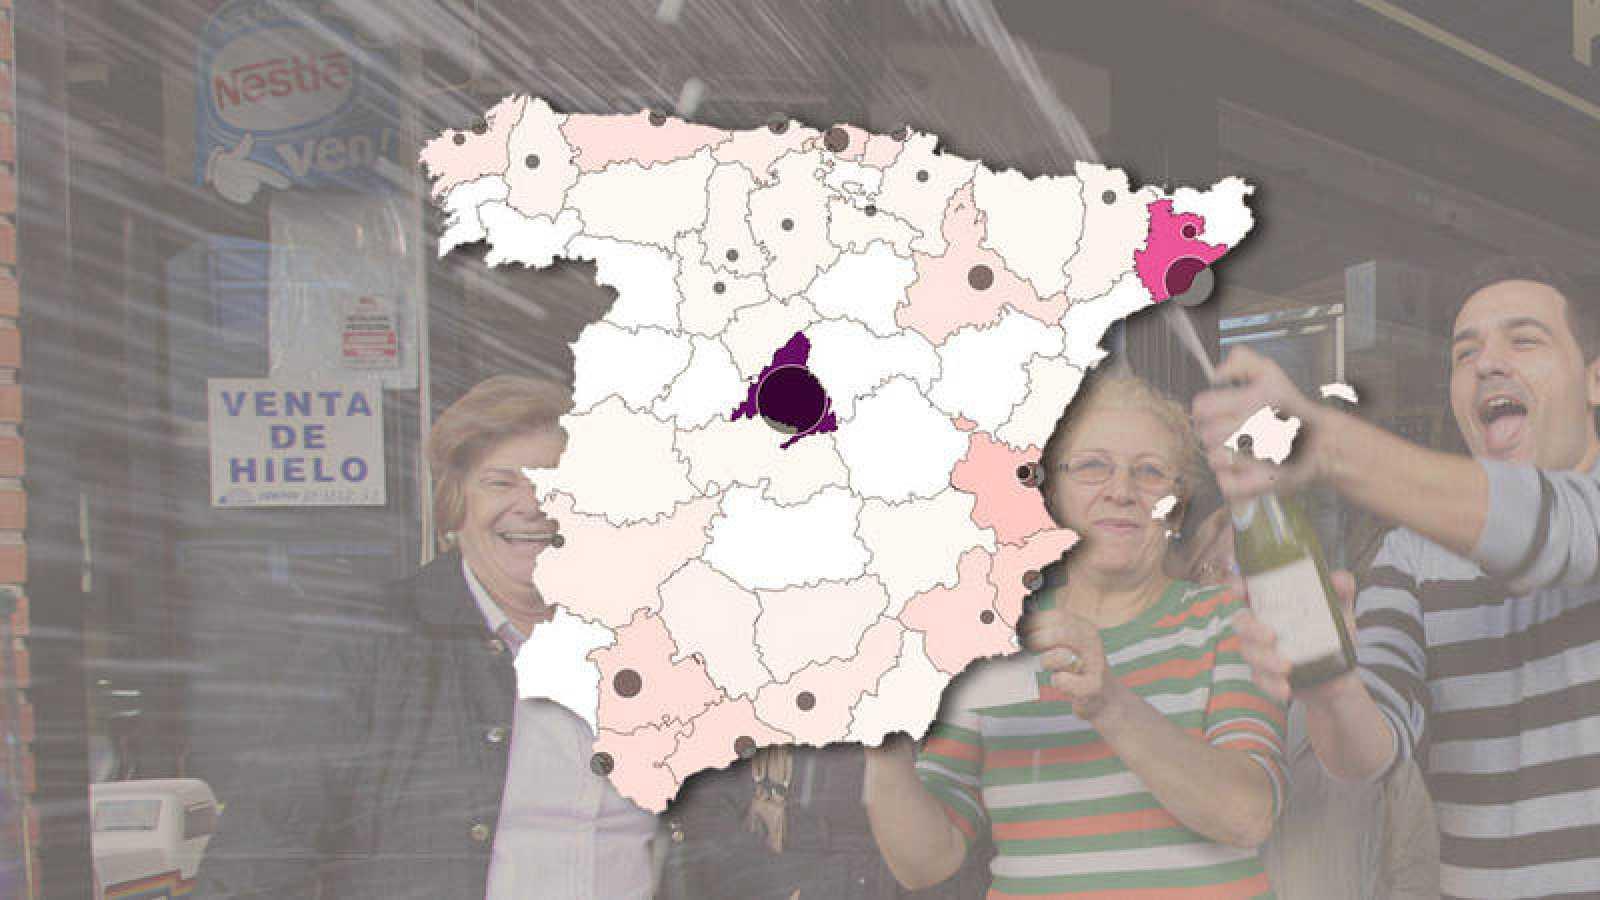 Consulta el mapa de la suerte detallado por provincias y ciudades